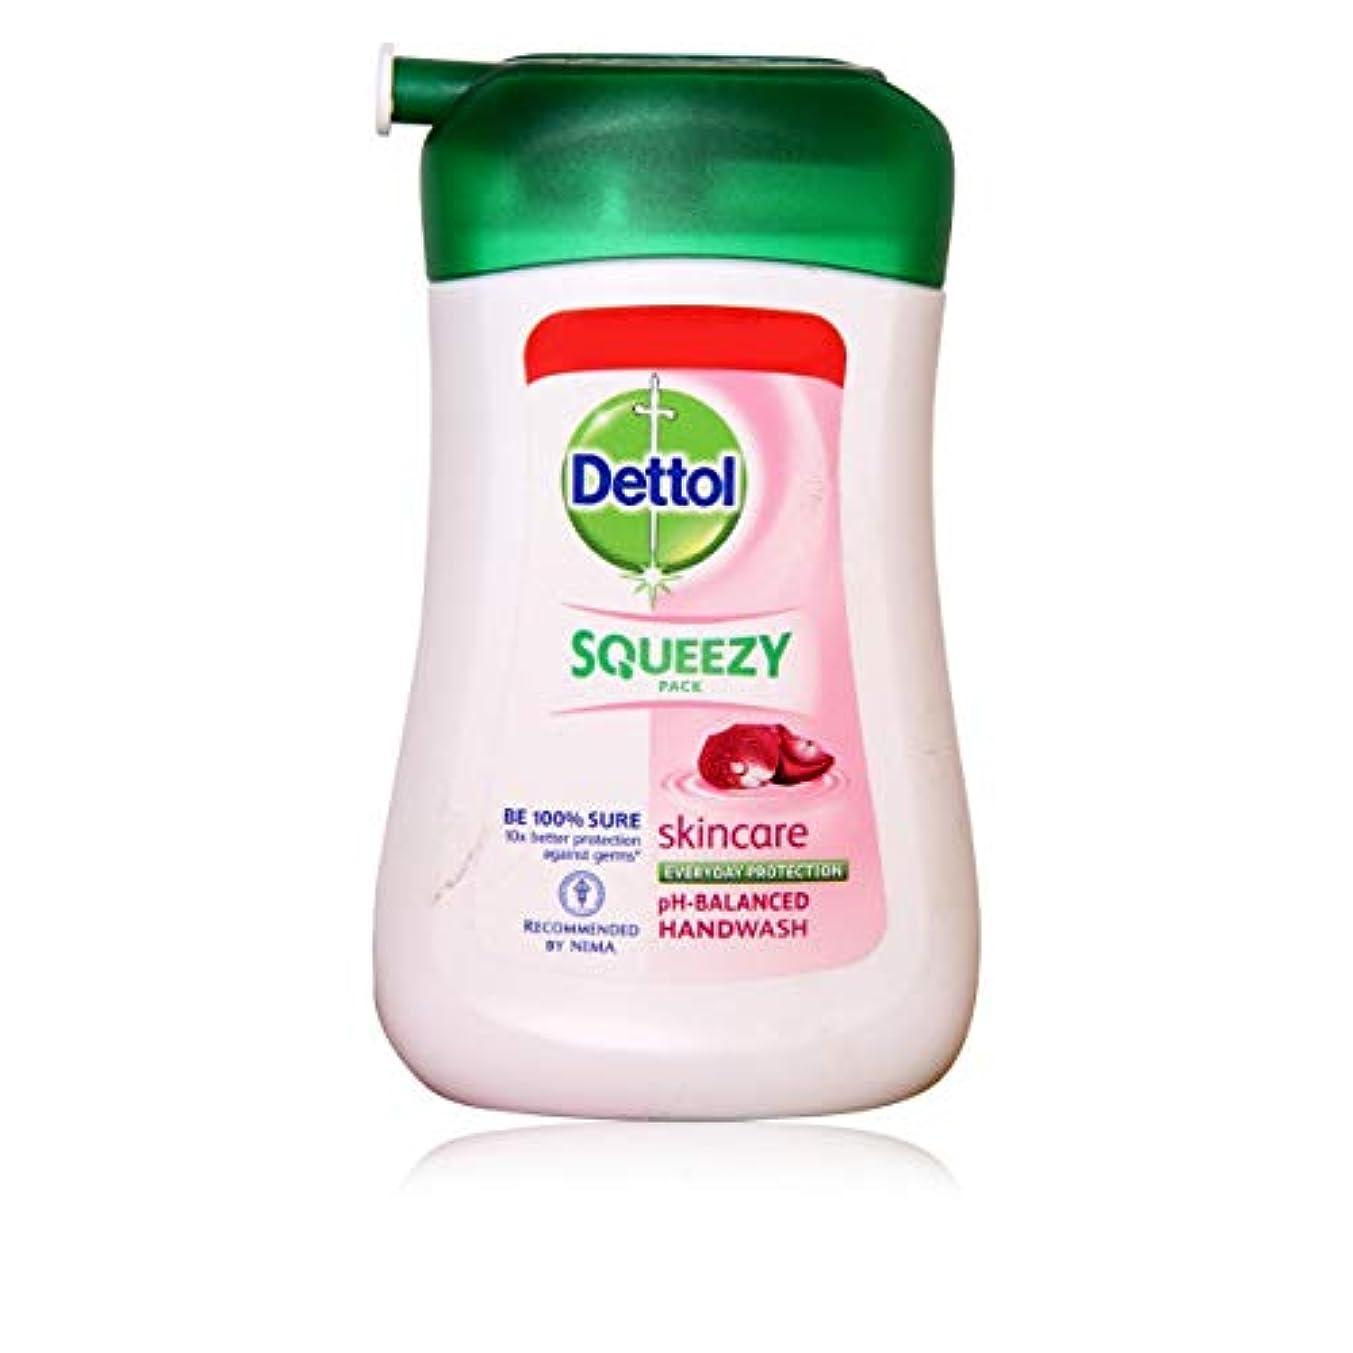 ウガンダバラエティ正しくDETTOL Squeezy Pack Skincare Liquid Hand WASH 100ML